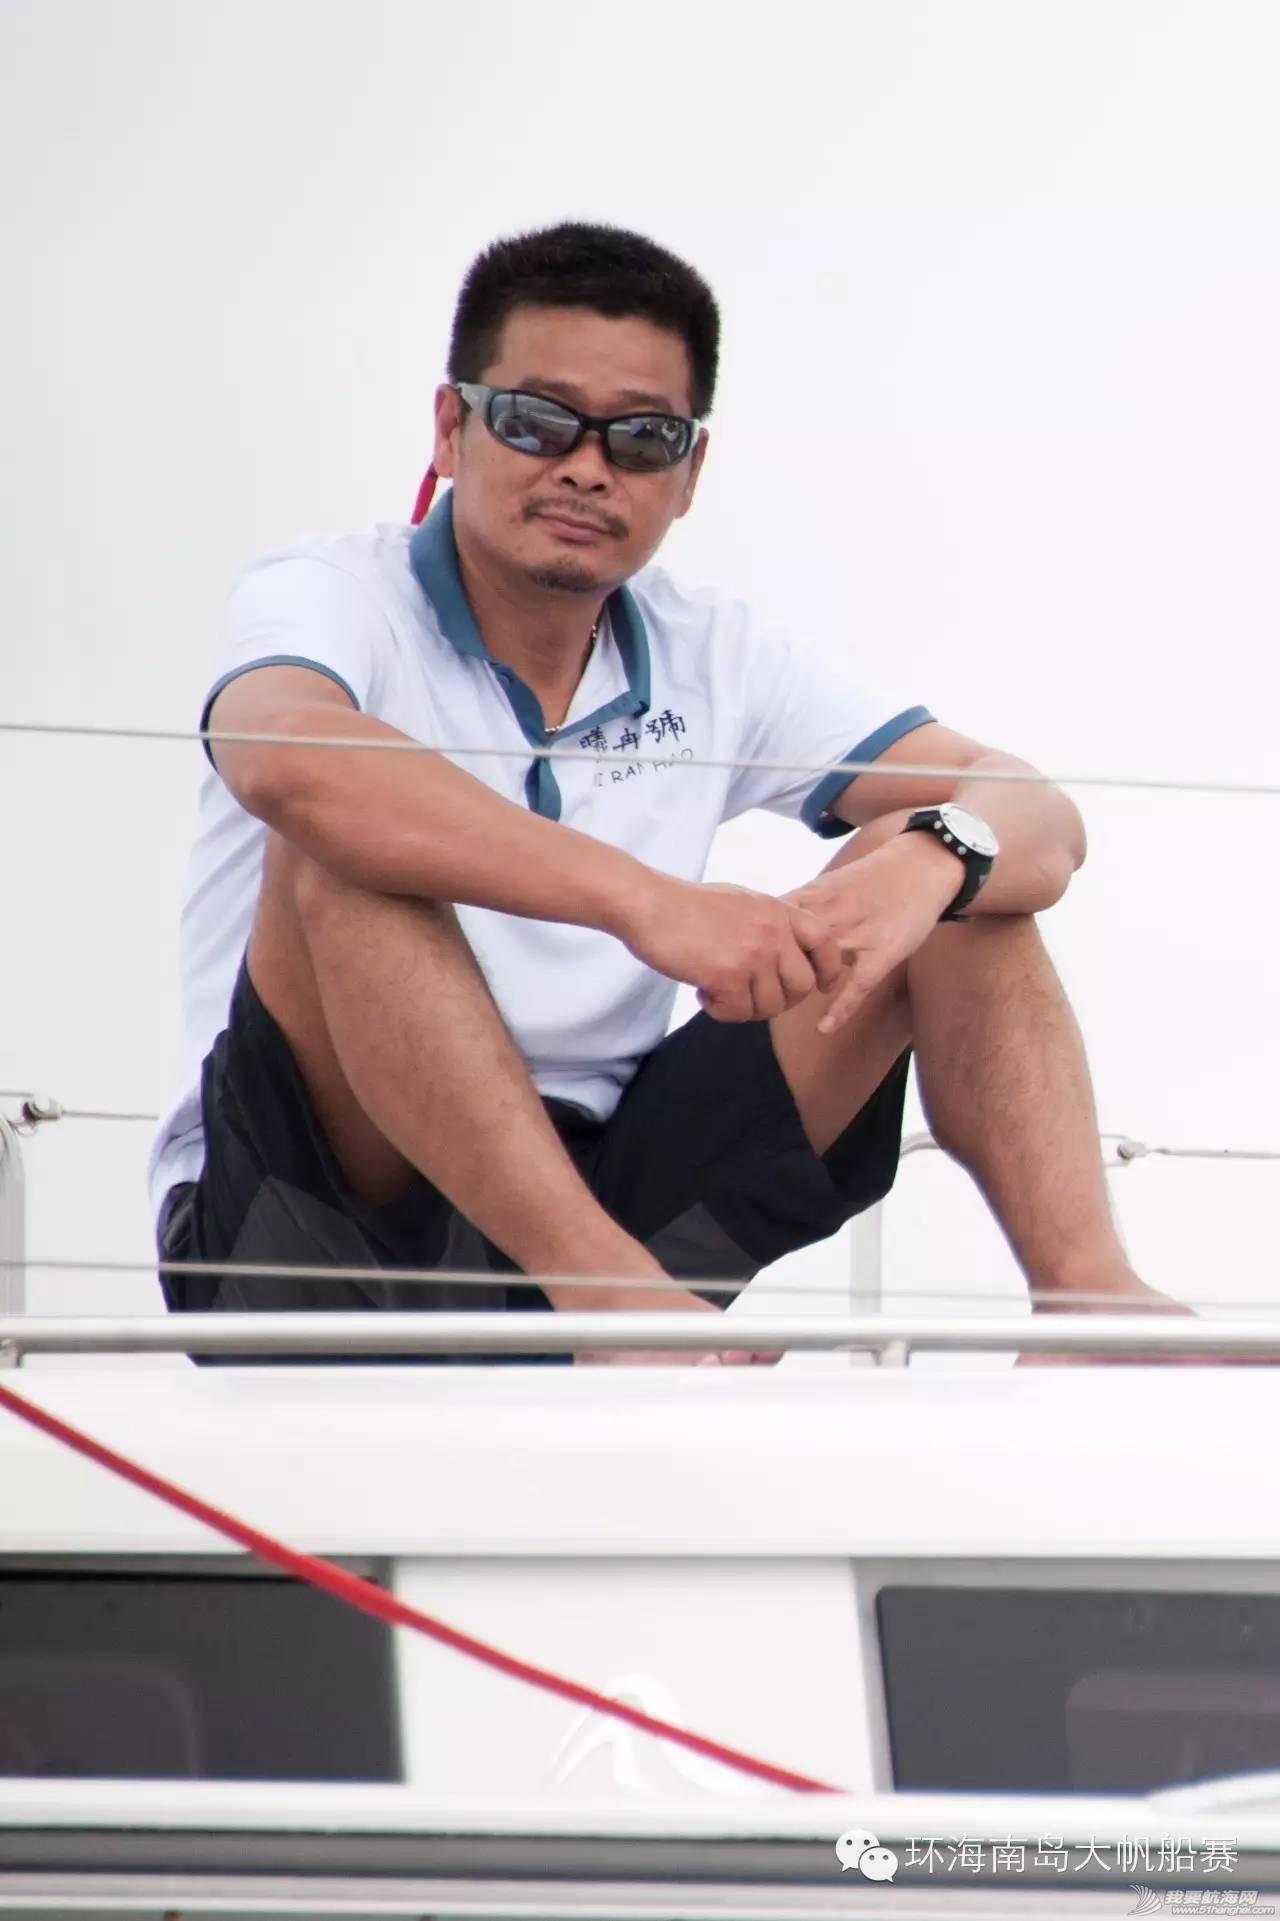 帆船运动,那些事儿,海南岛,老男孩,梦之队 关于海帆赛的那些事儿 2e5c2ae3366fcd410110677bfa1f451f.jpg